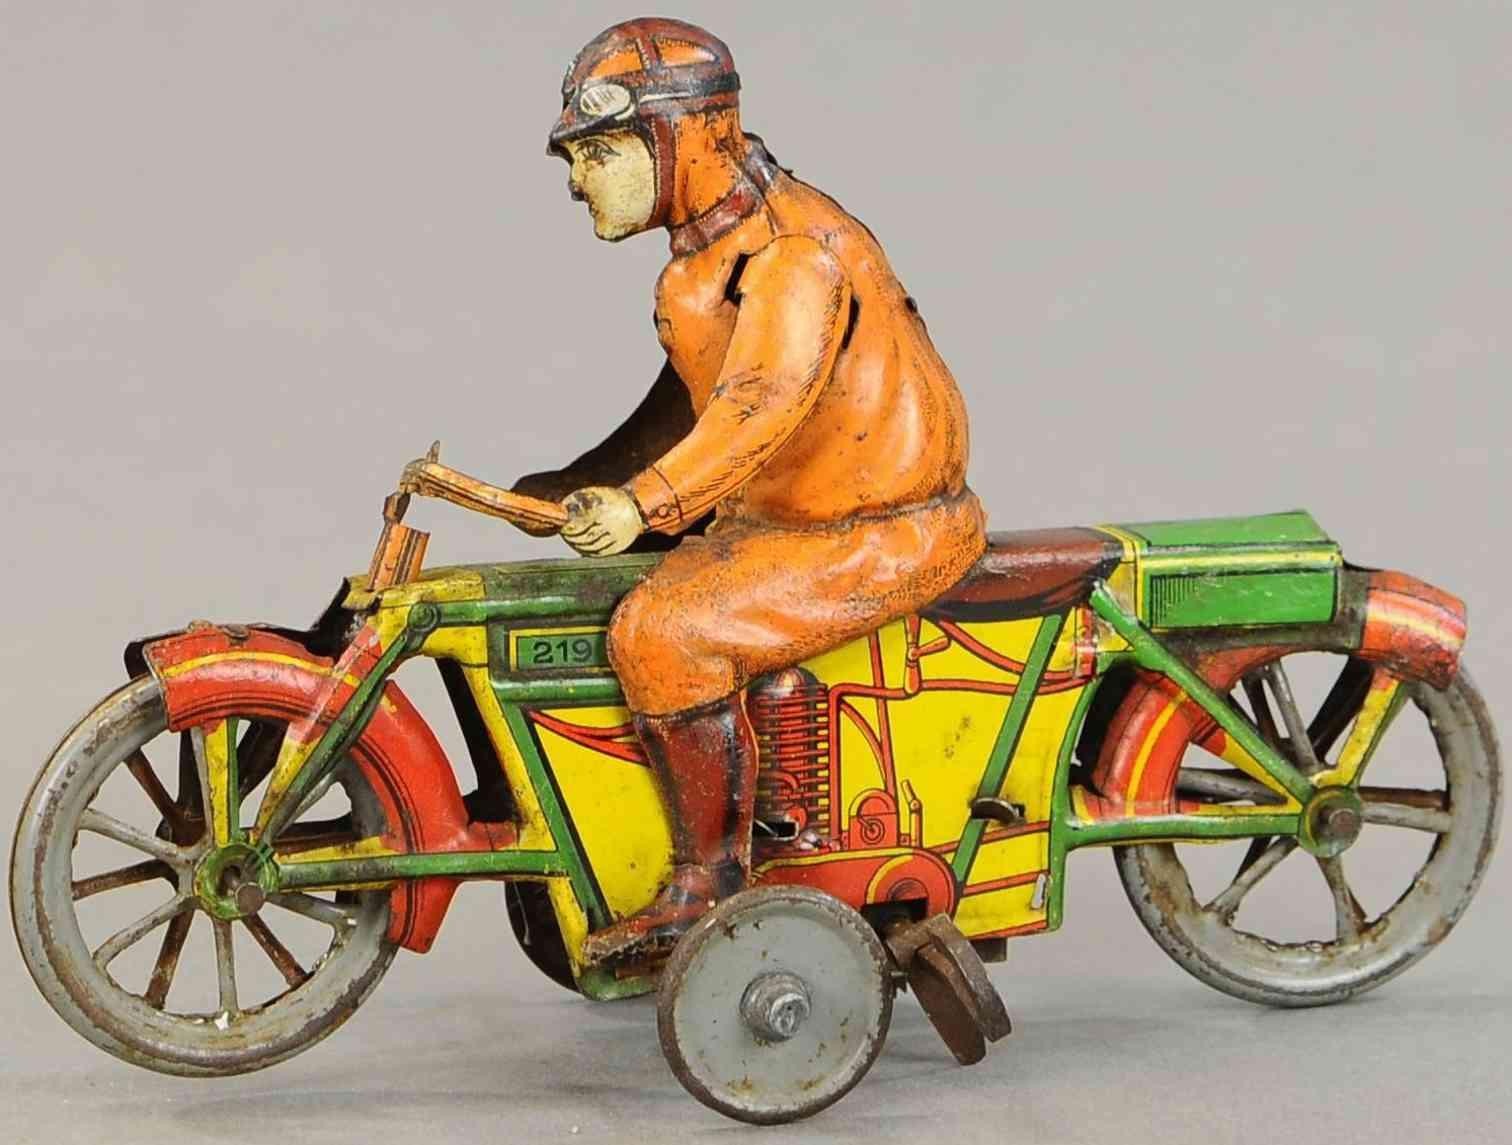 kellermann 219n blech spielzeug kunst-motorradfahrer mit uhrwerk